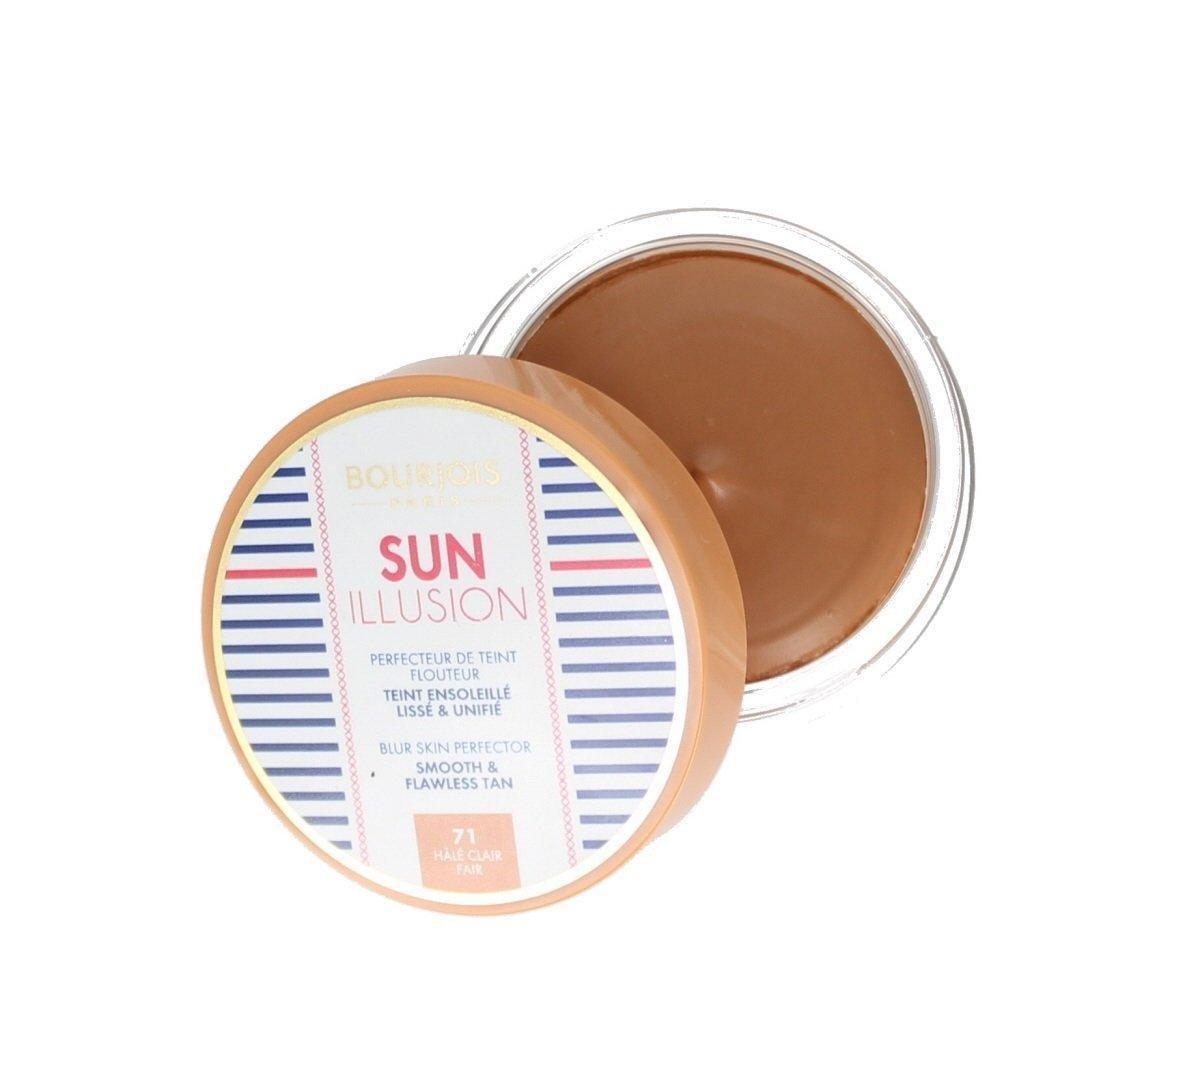 Bourjois Paris Sun Illusion Blur Skin Perfector 71 Fair (Hale Clair) 18ml Sealed